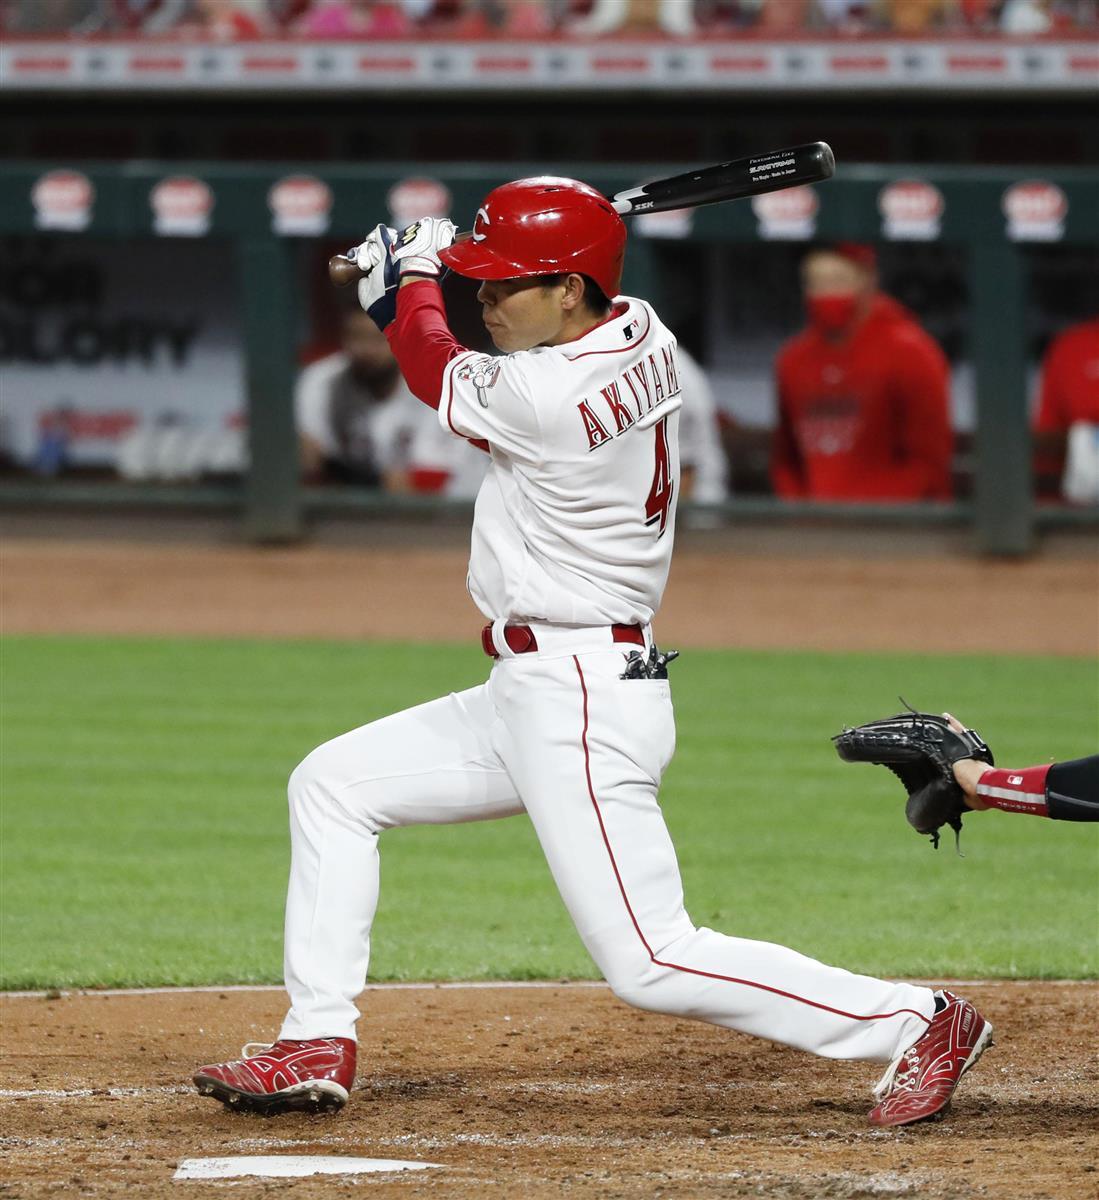 秋山は3打数1安打 ゴロが二塁走者に当たりヒットに